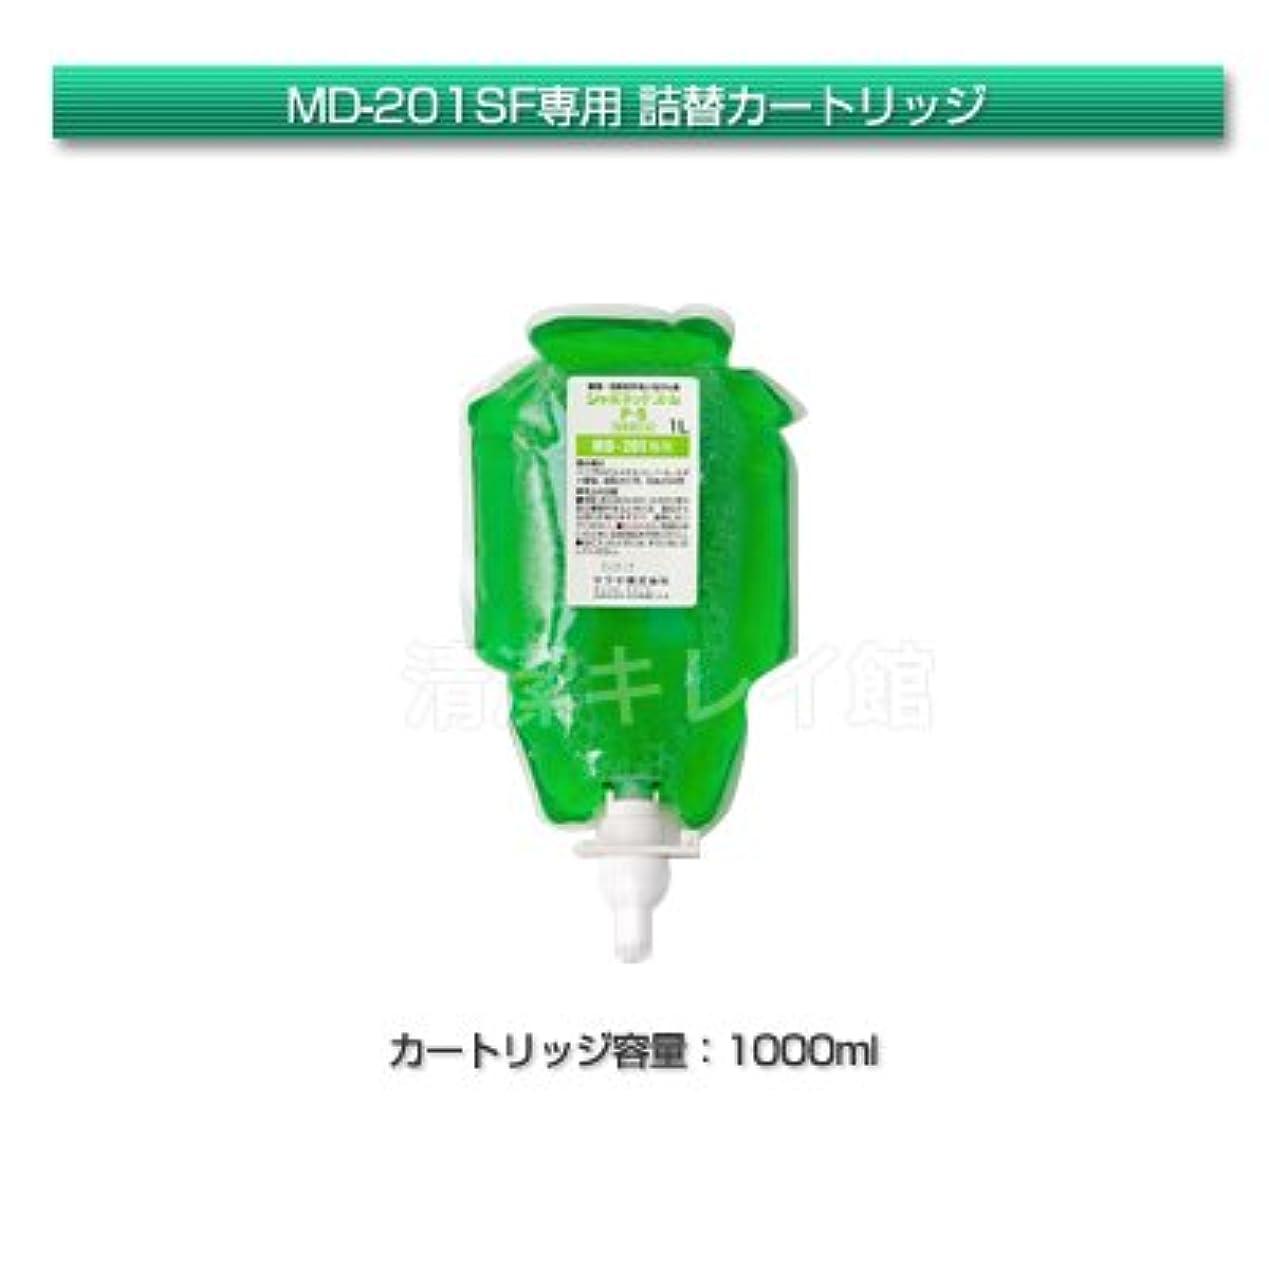 びっくりした金銭的な近傍サラヤ プッシュ式石鹸液 MD-201SF(泡)専用カートリッジ(ユムP-5)1000ml【清潔キレイ館】